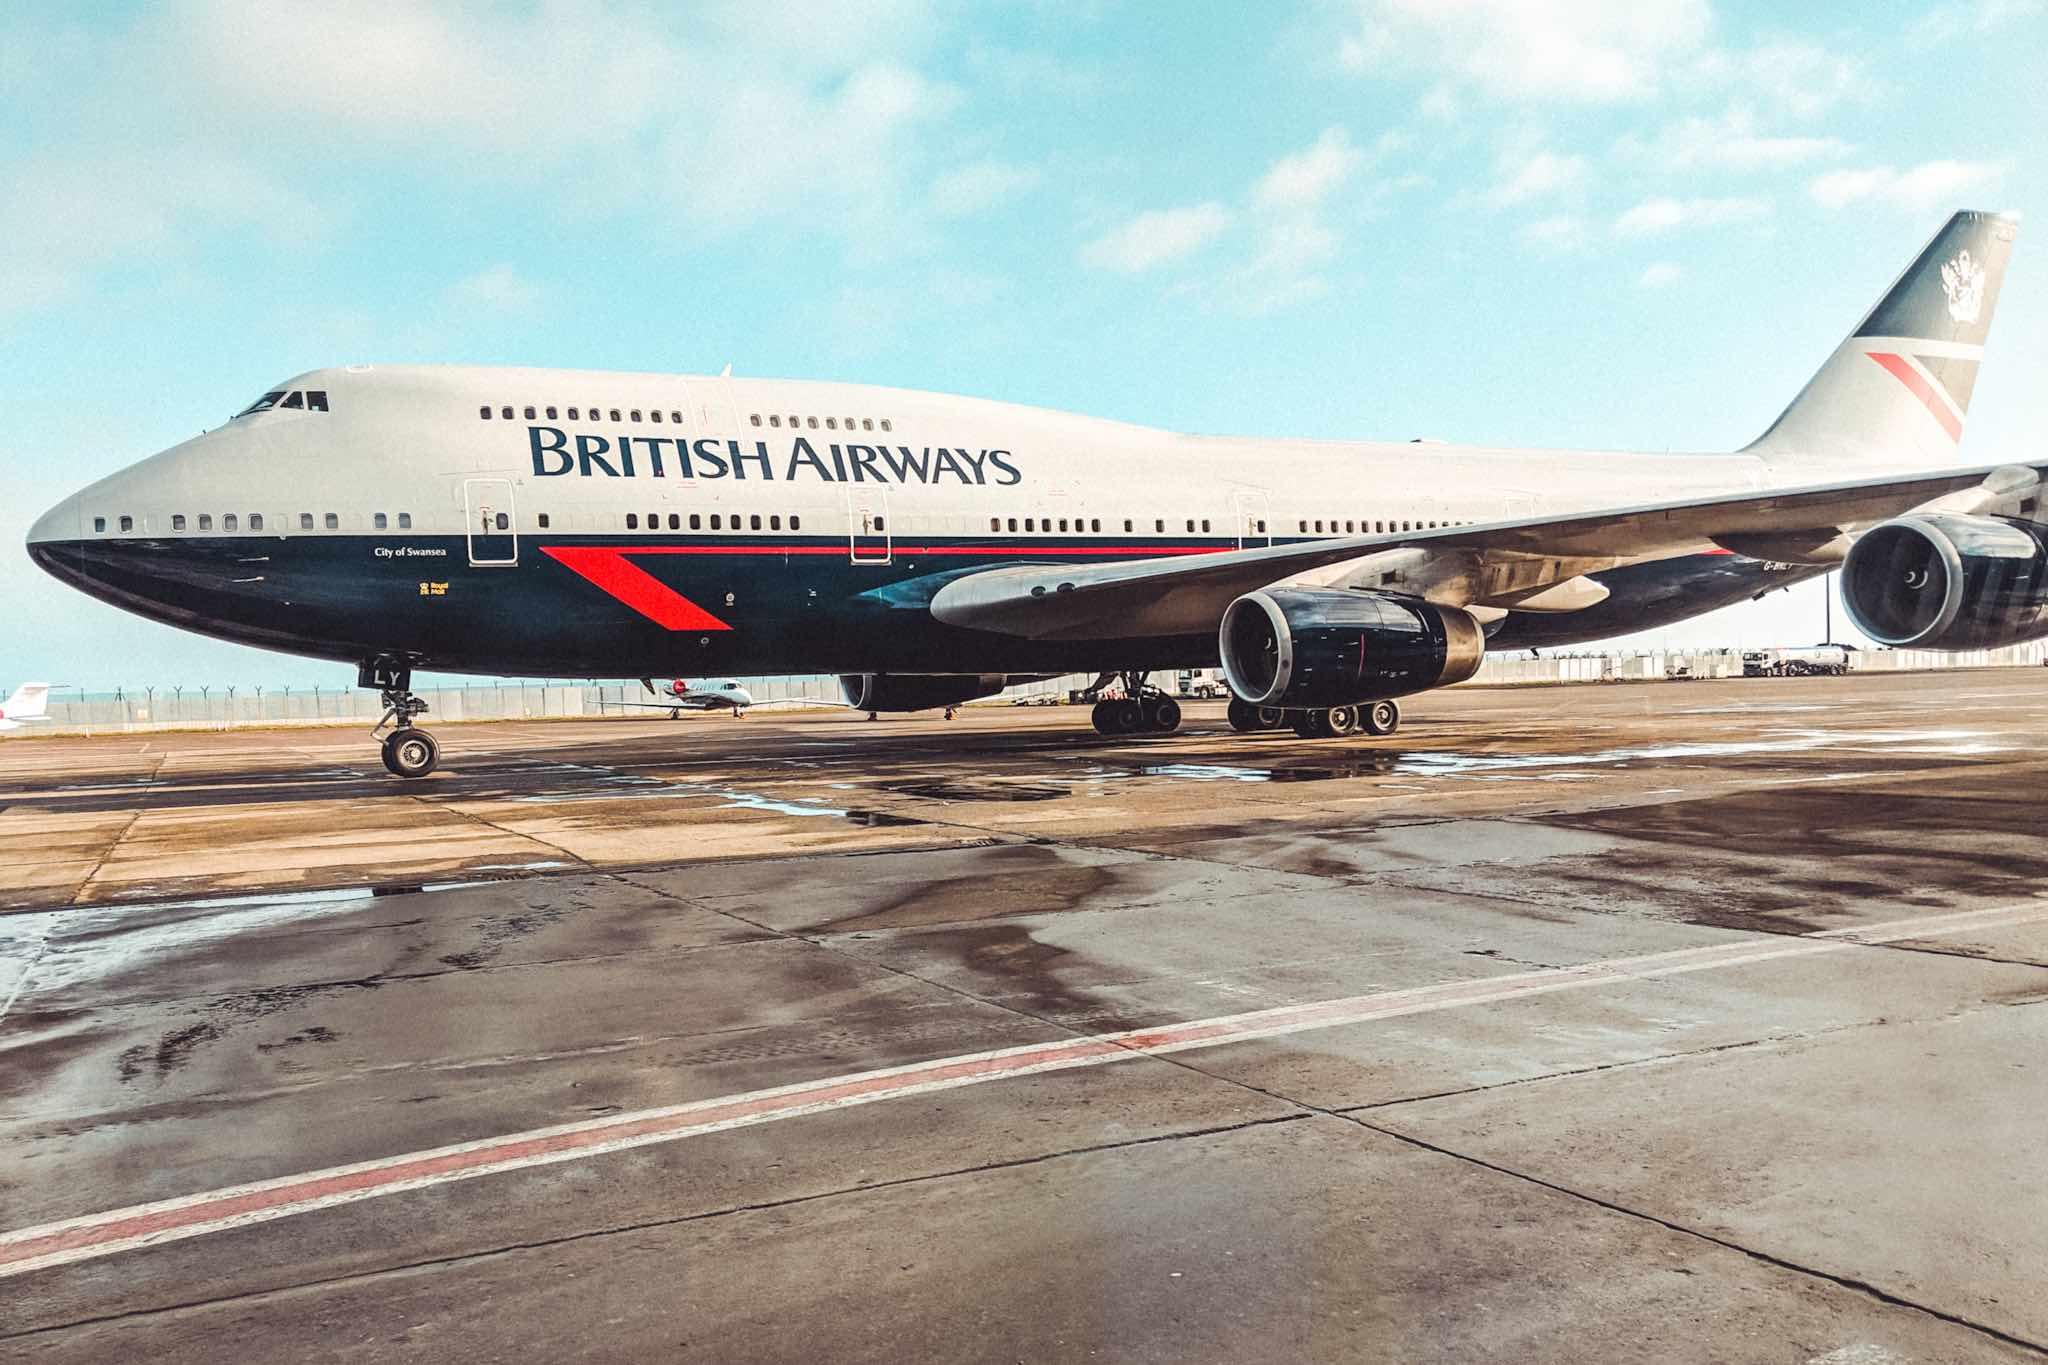 Boeing 747 Nostalgia